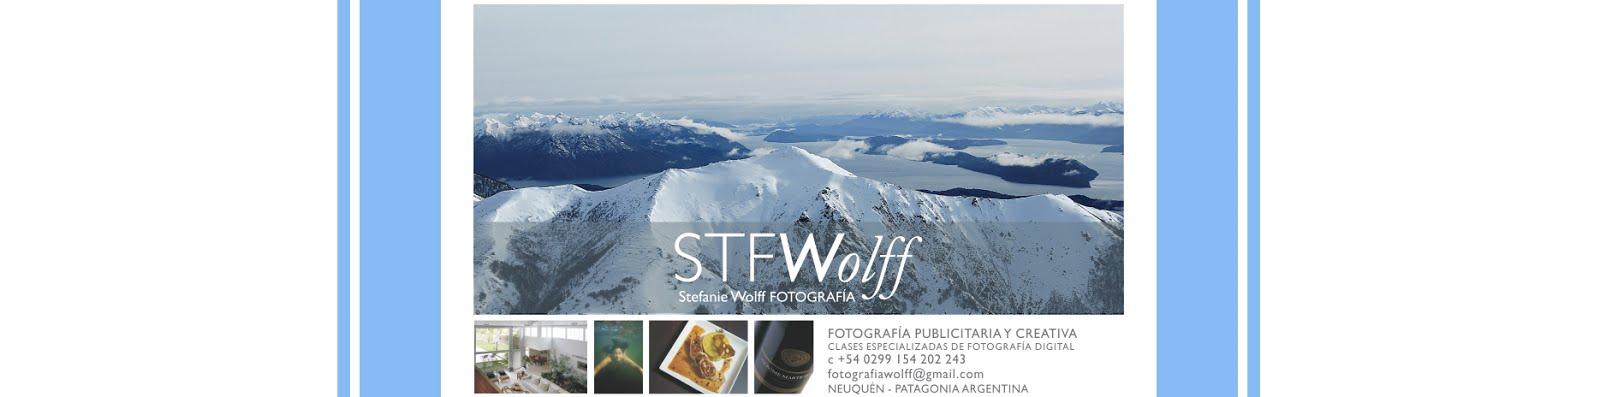 STEFANIE WOLFF